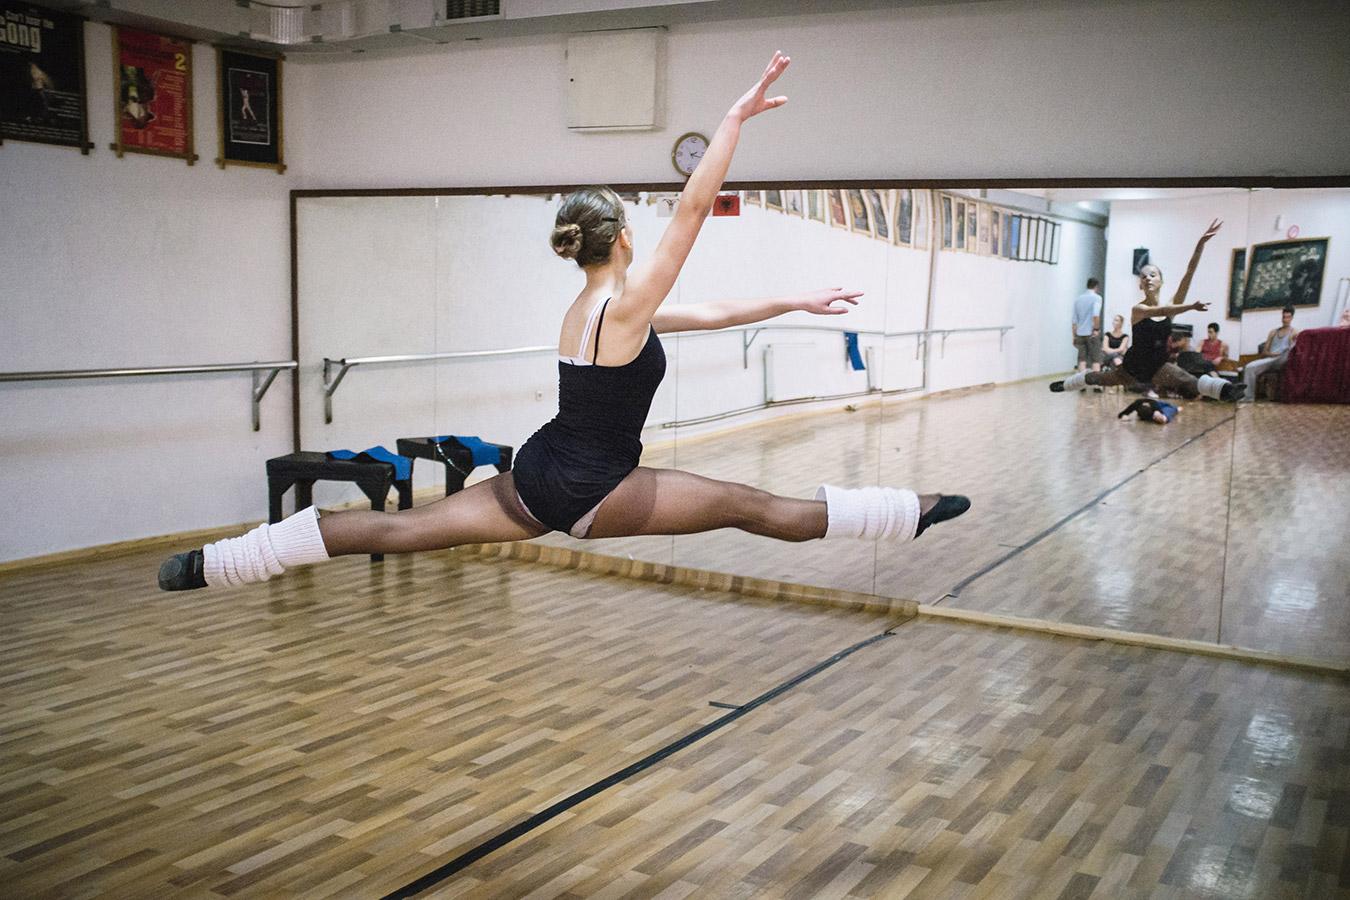 Etrita Abdullahu (15), a ballet student, makes a jump during a rehearsal.